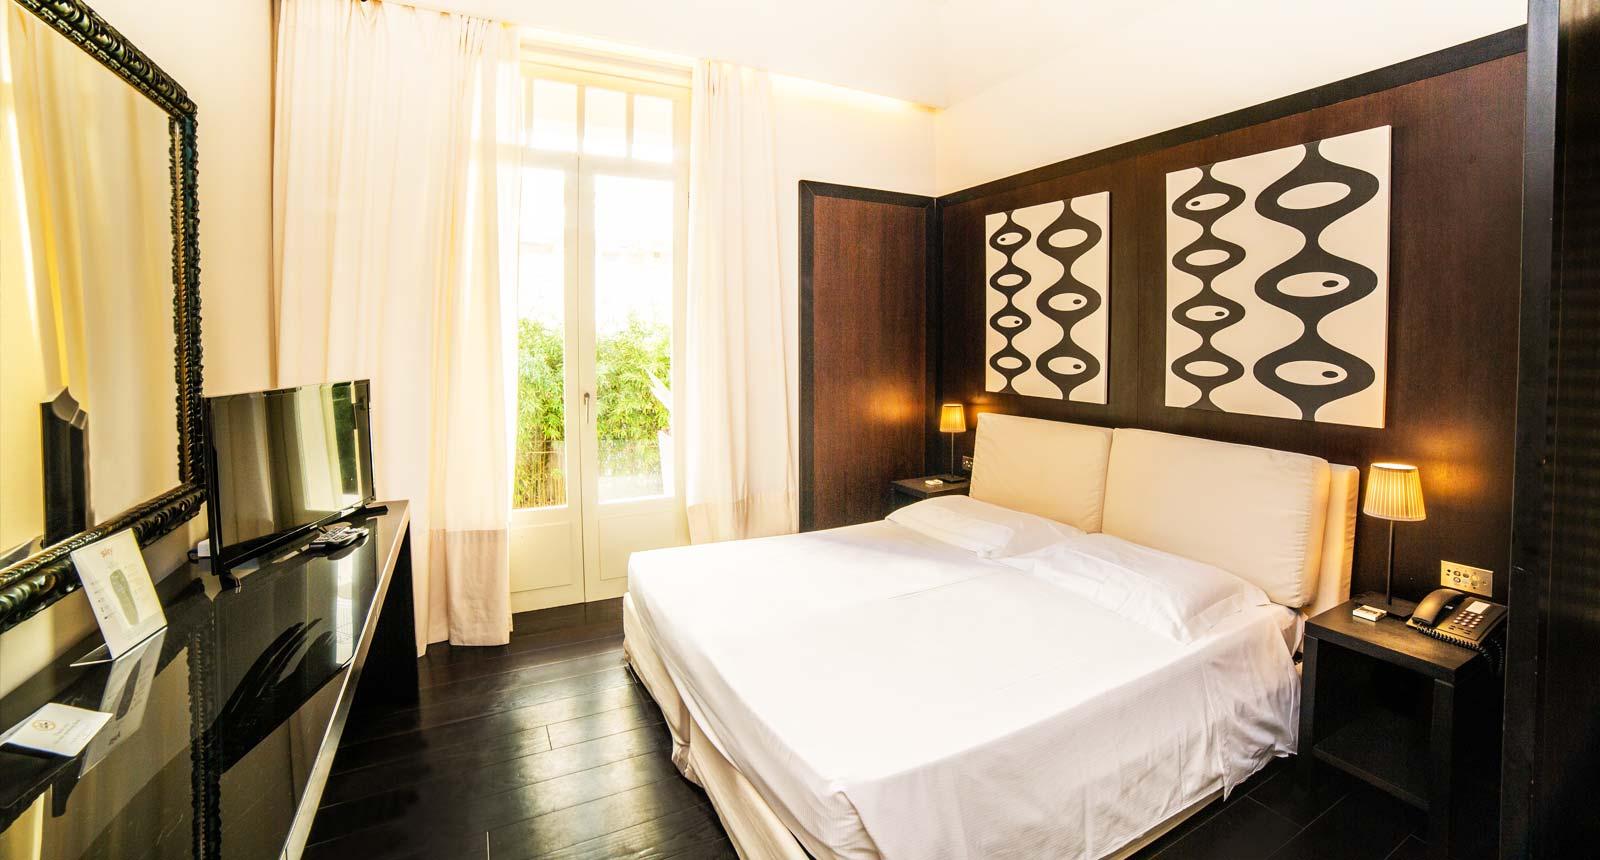 Le Camere Comfort Del Nostro Hotel 4 Stelle Cattolica Sul Mare